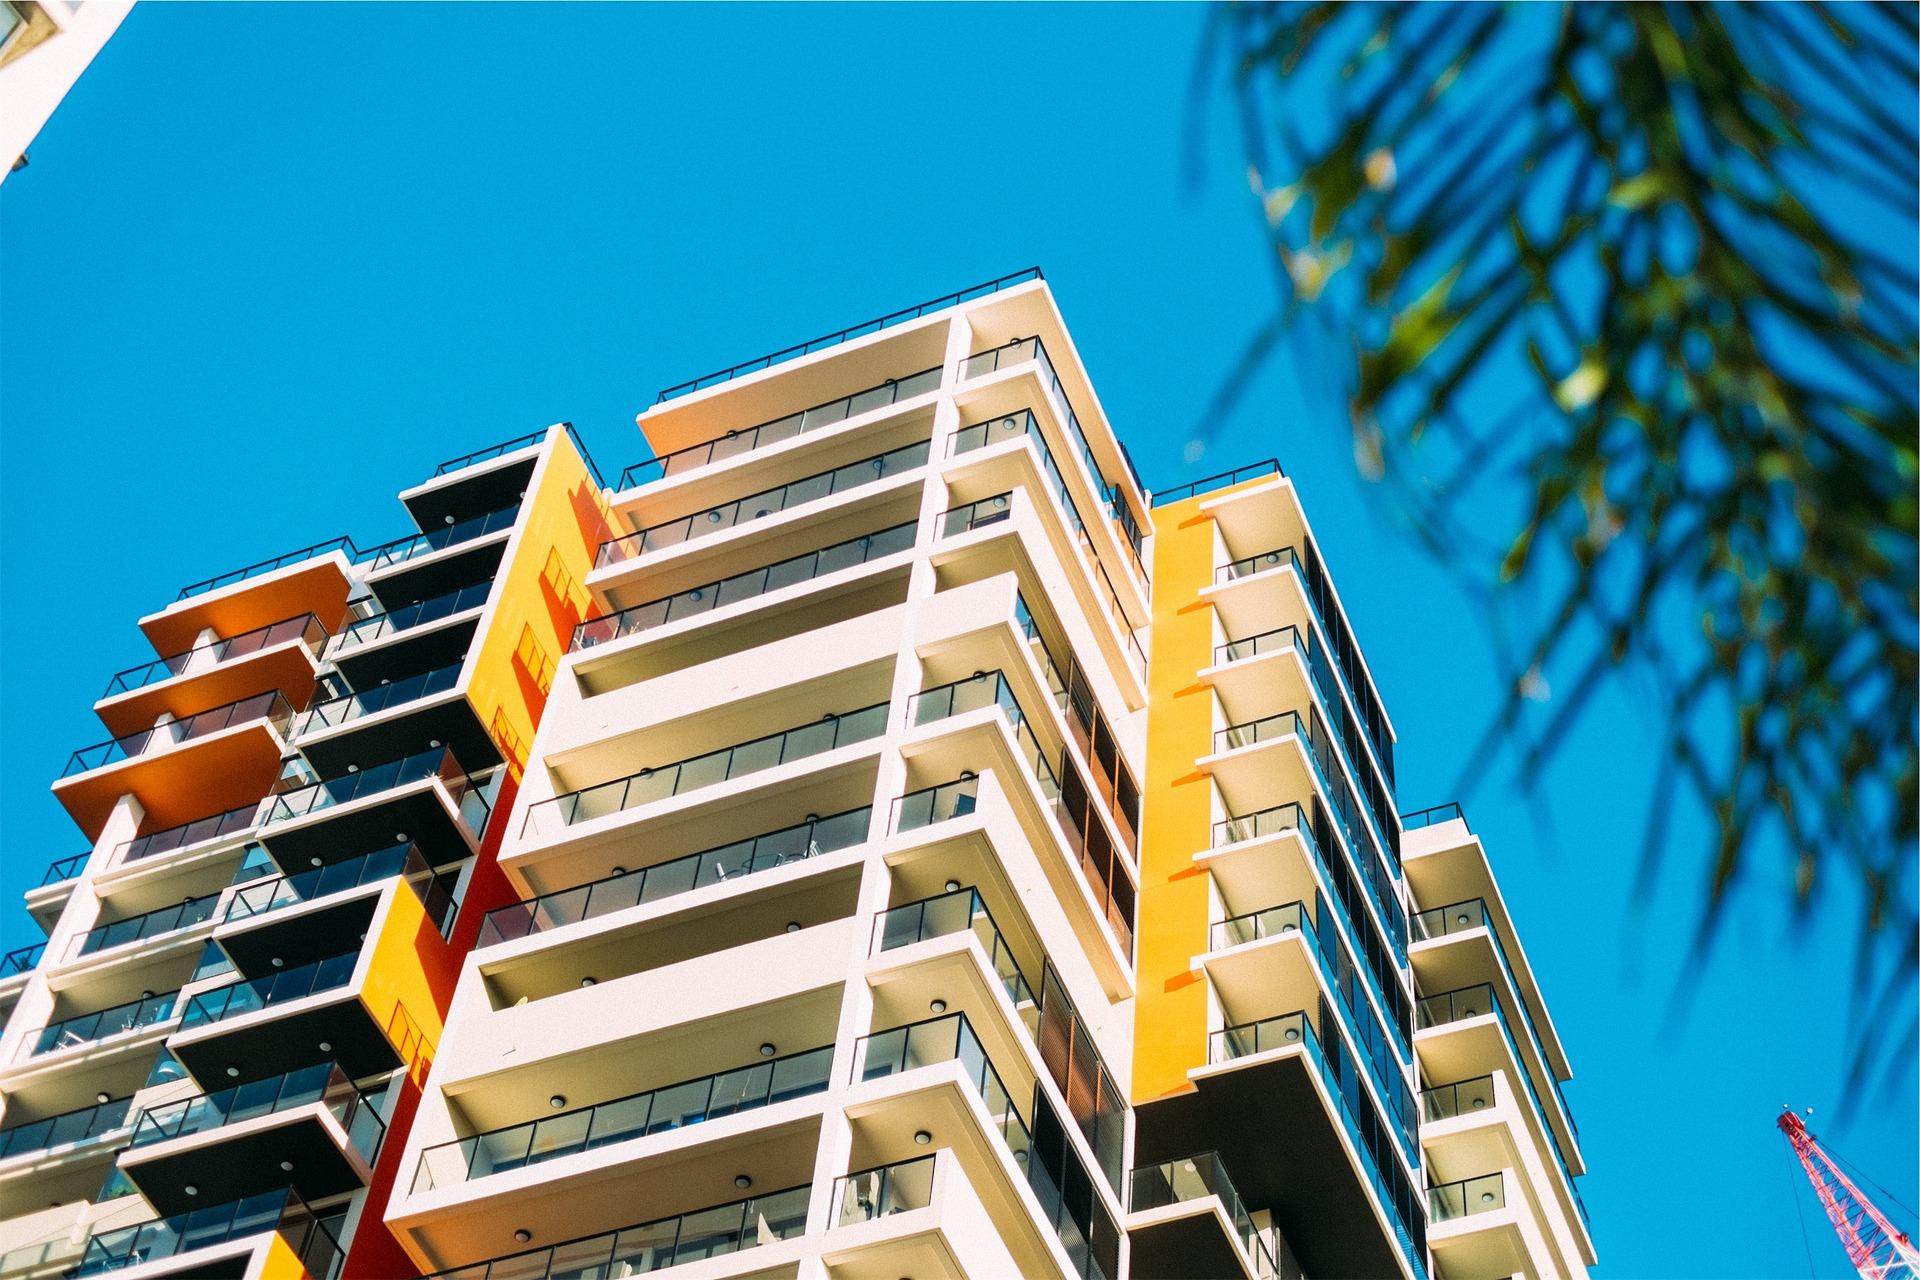 buildings-2626957_1920